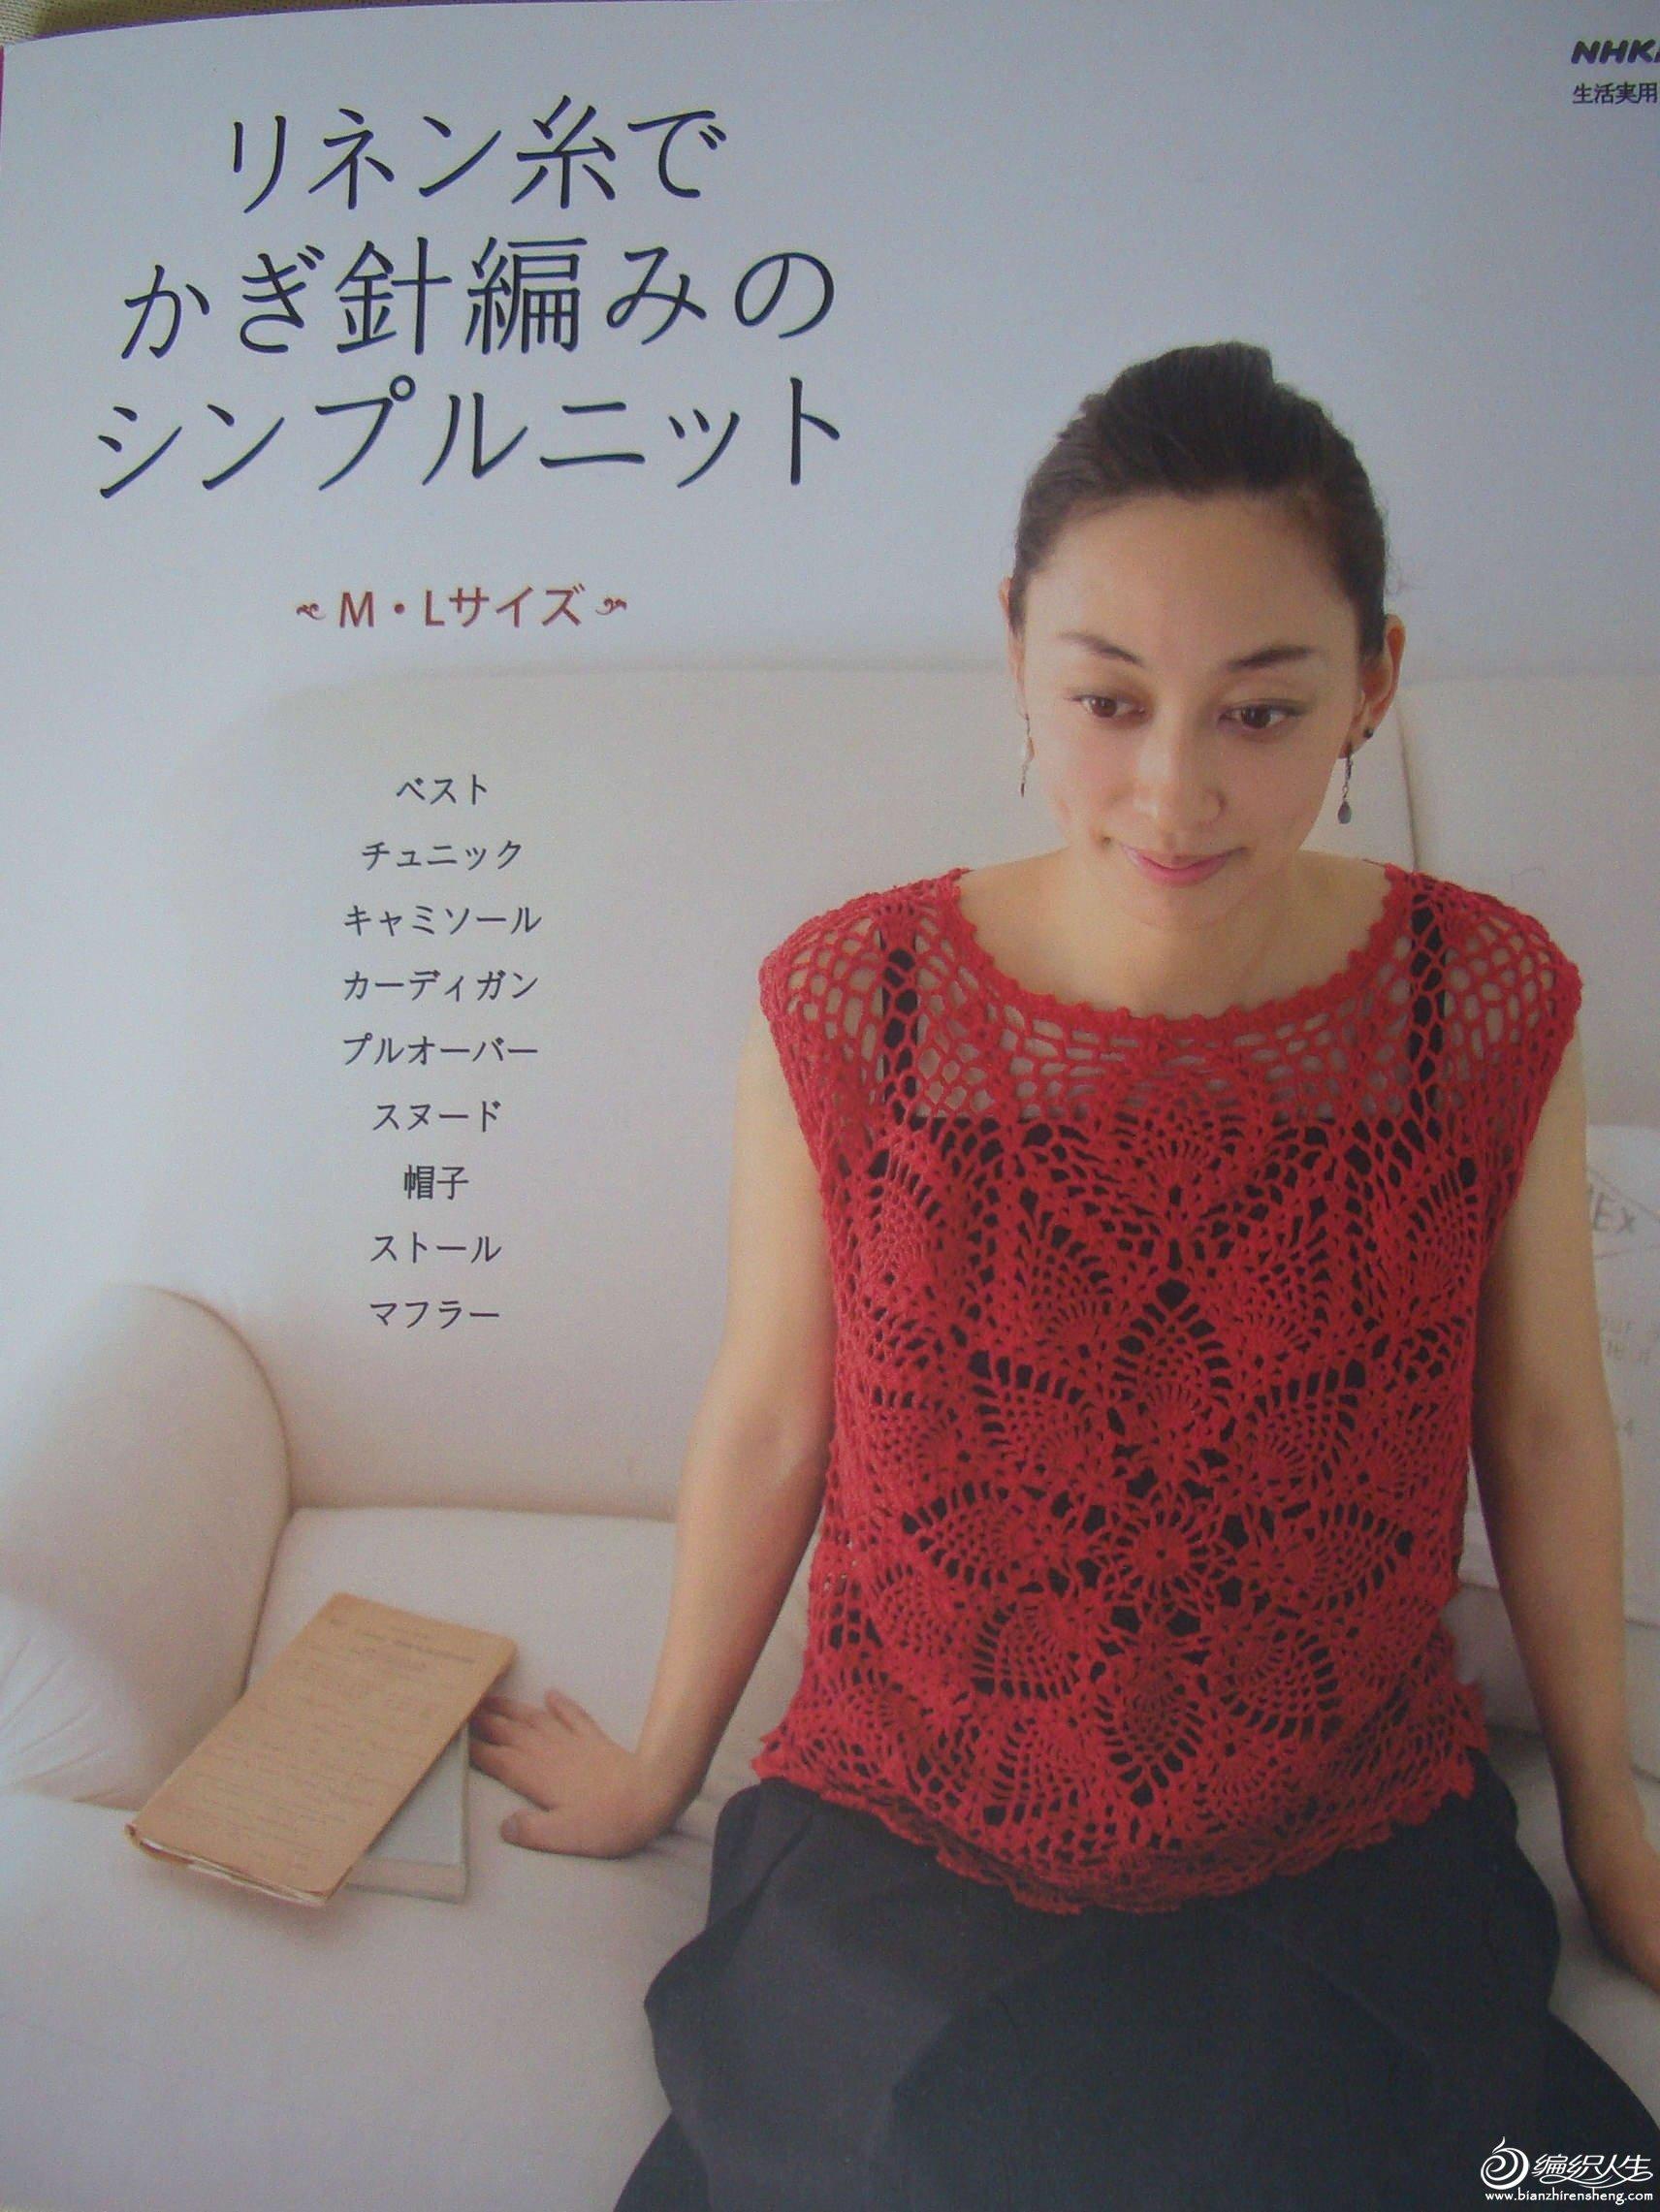 01 NHK 5646.jpg